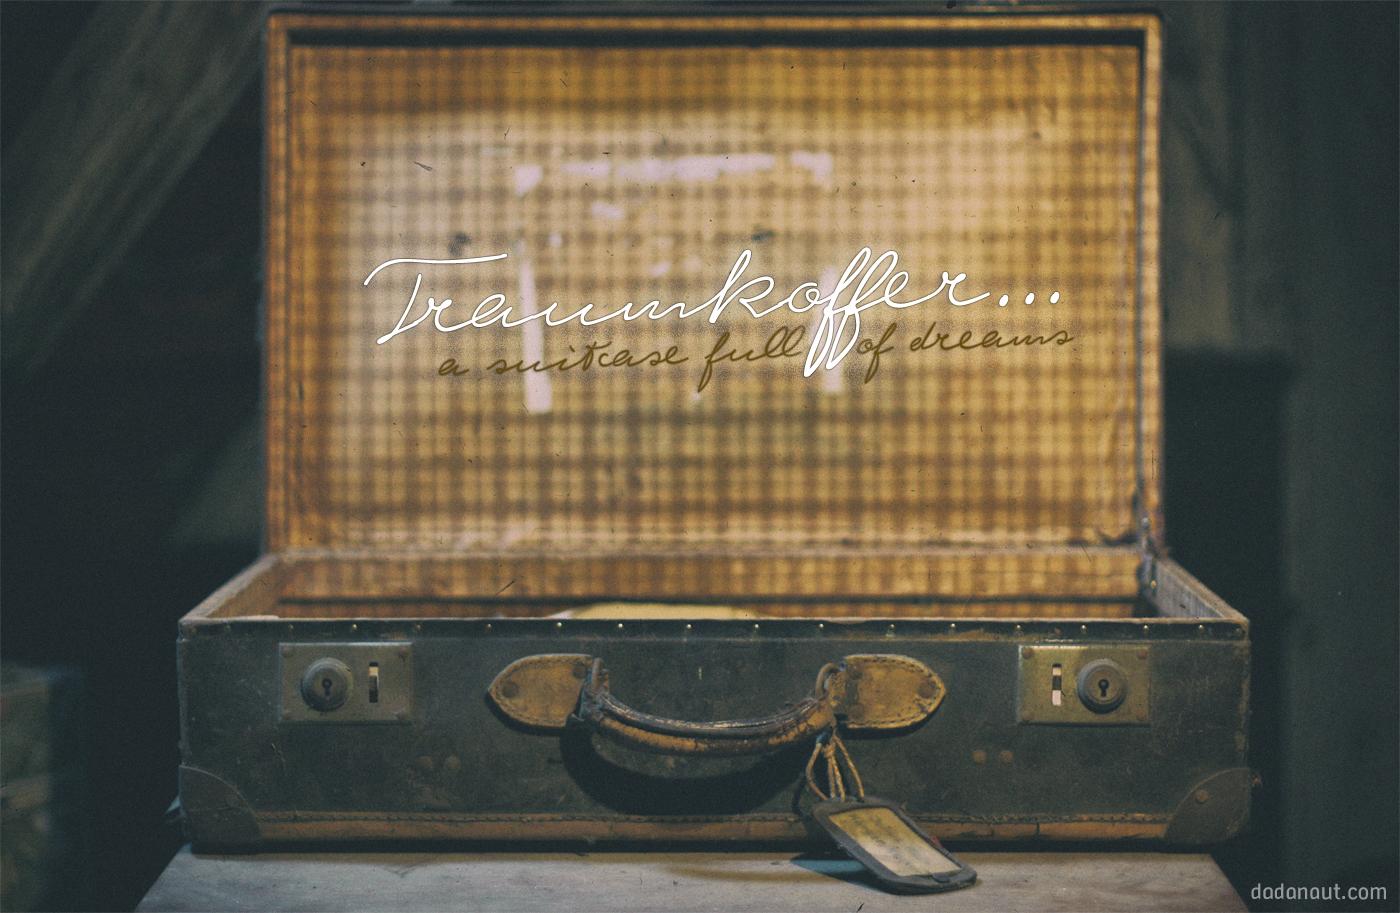 Traumkoffer. Ein Lied von Dadanaut, in einer frühen Demo-Version.